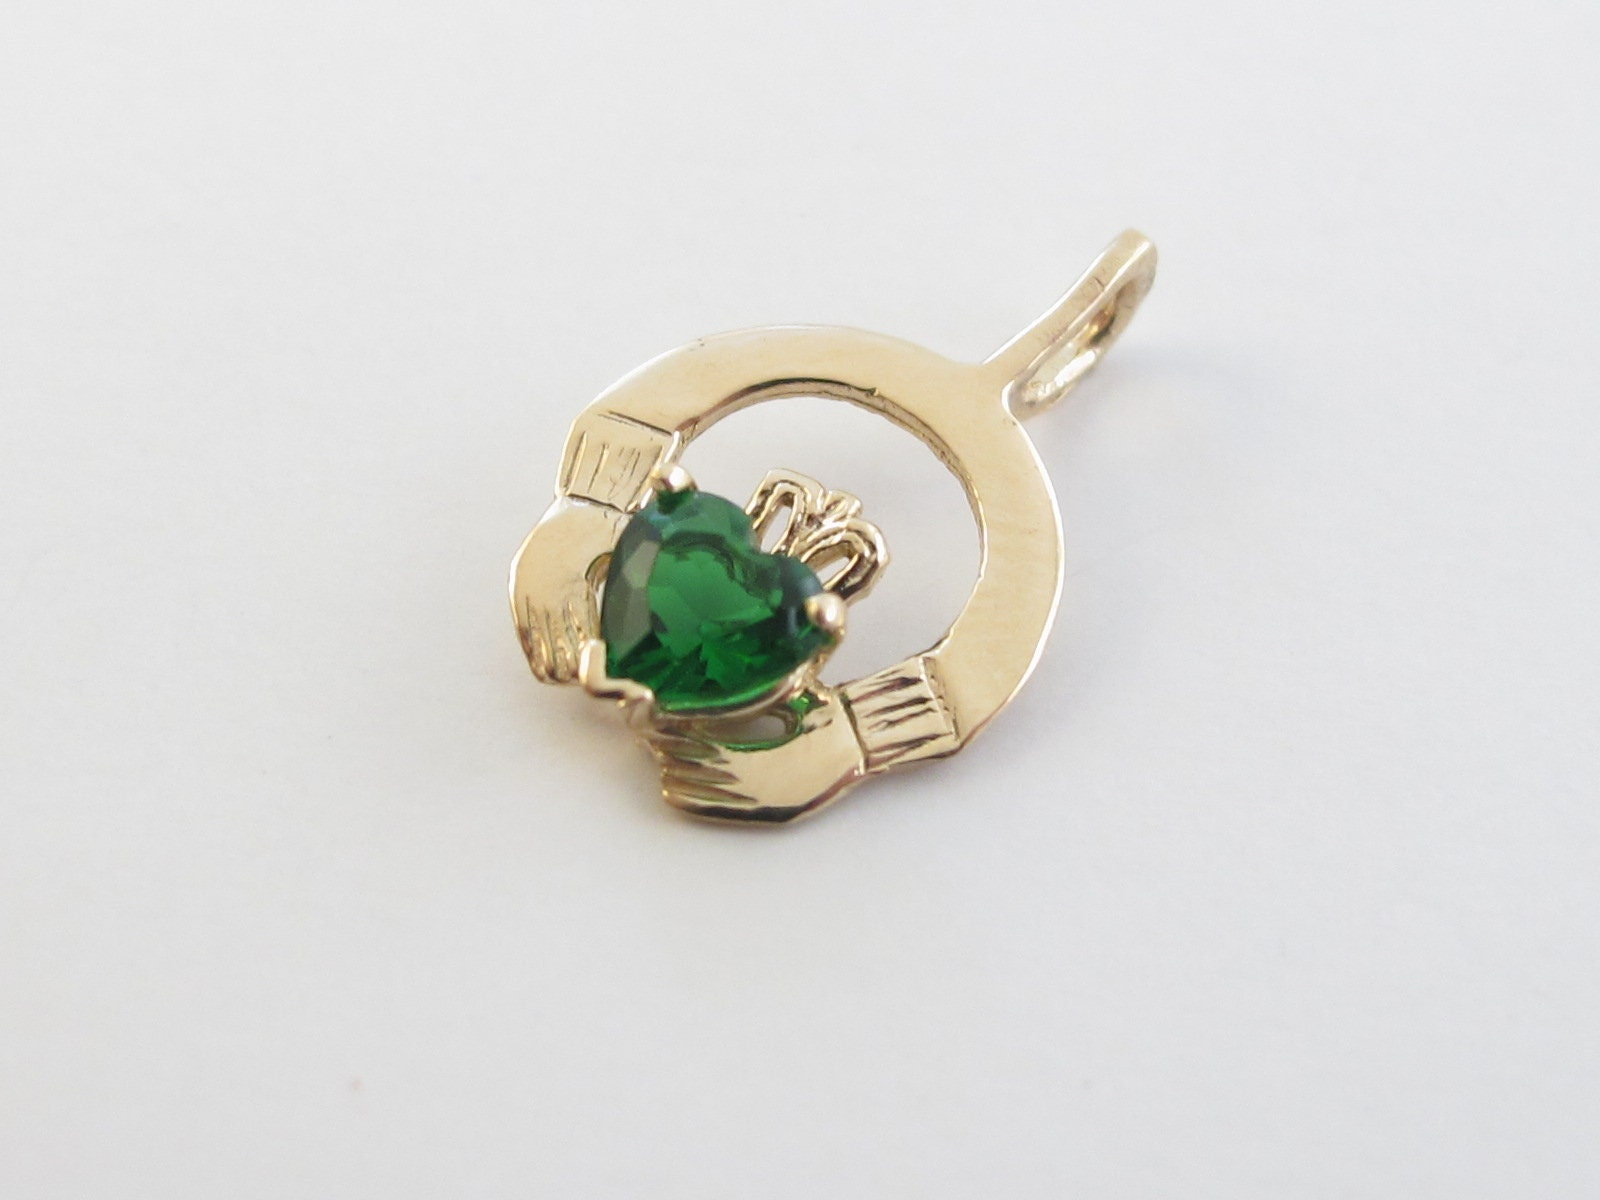 14K coeur Claddagh irlandais or jaune émeraude breloque breloque émeraude pendentif - pendentif amour irlandais 5e4c98